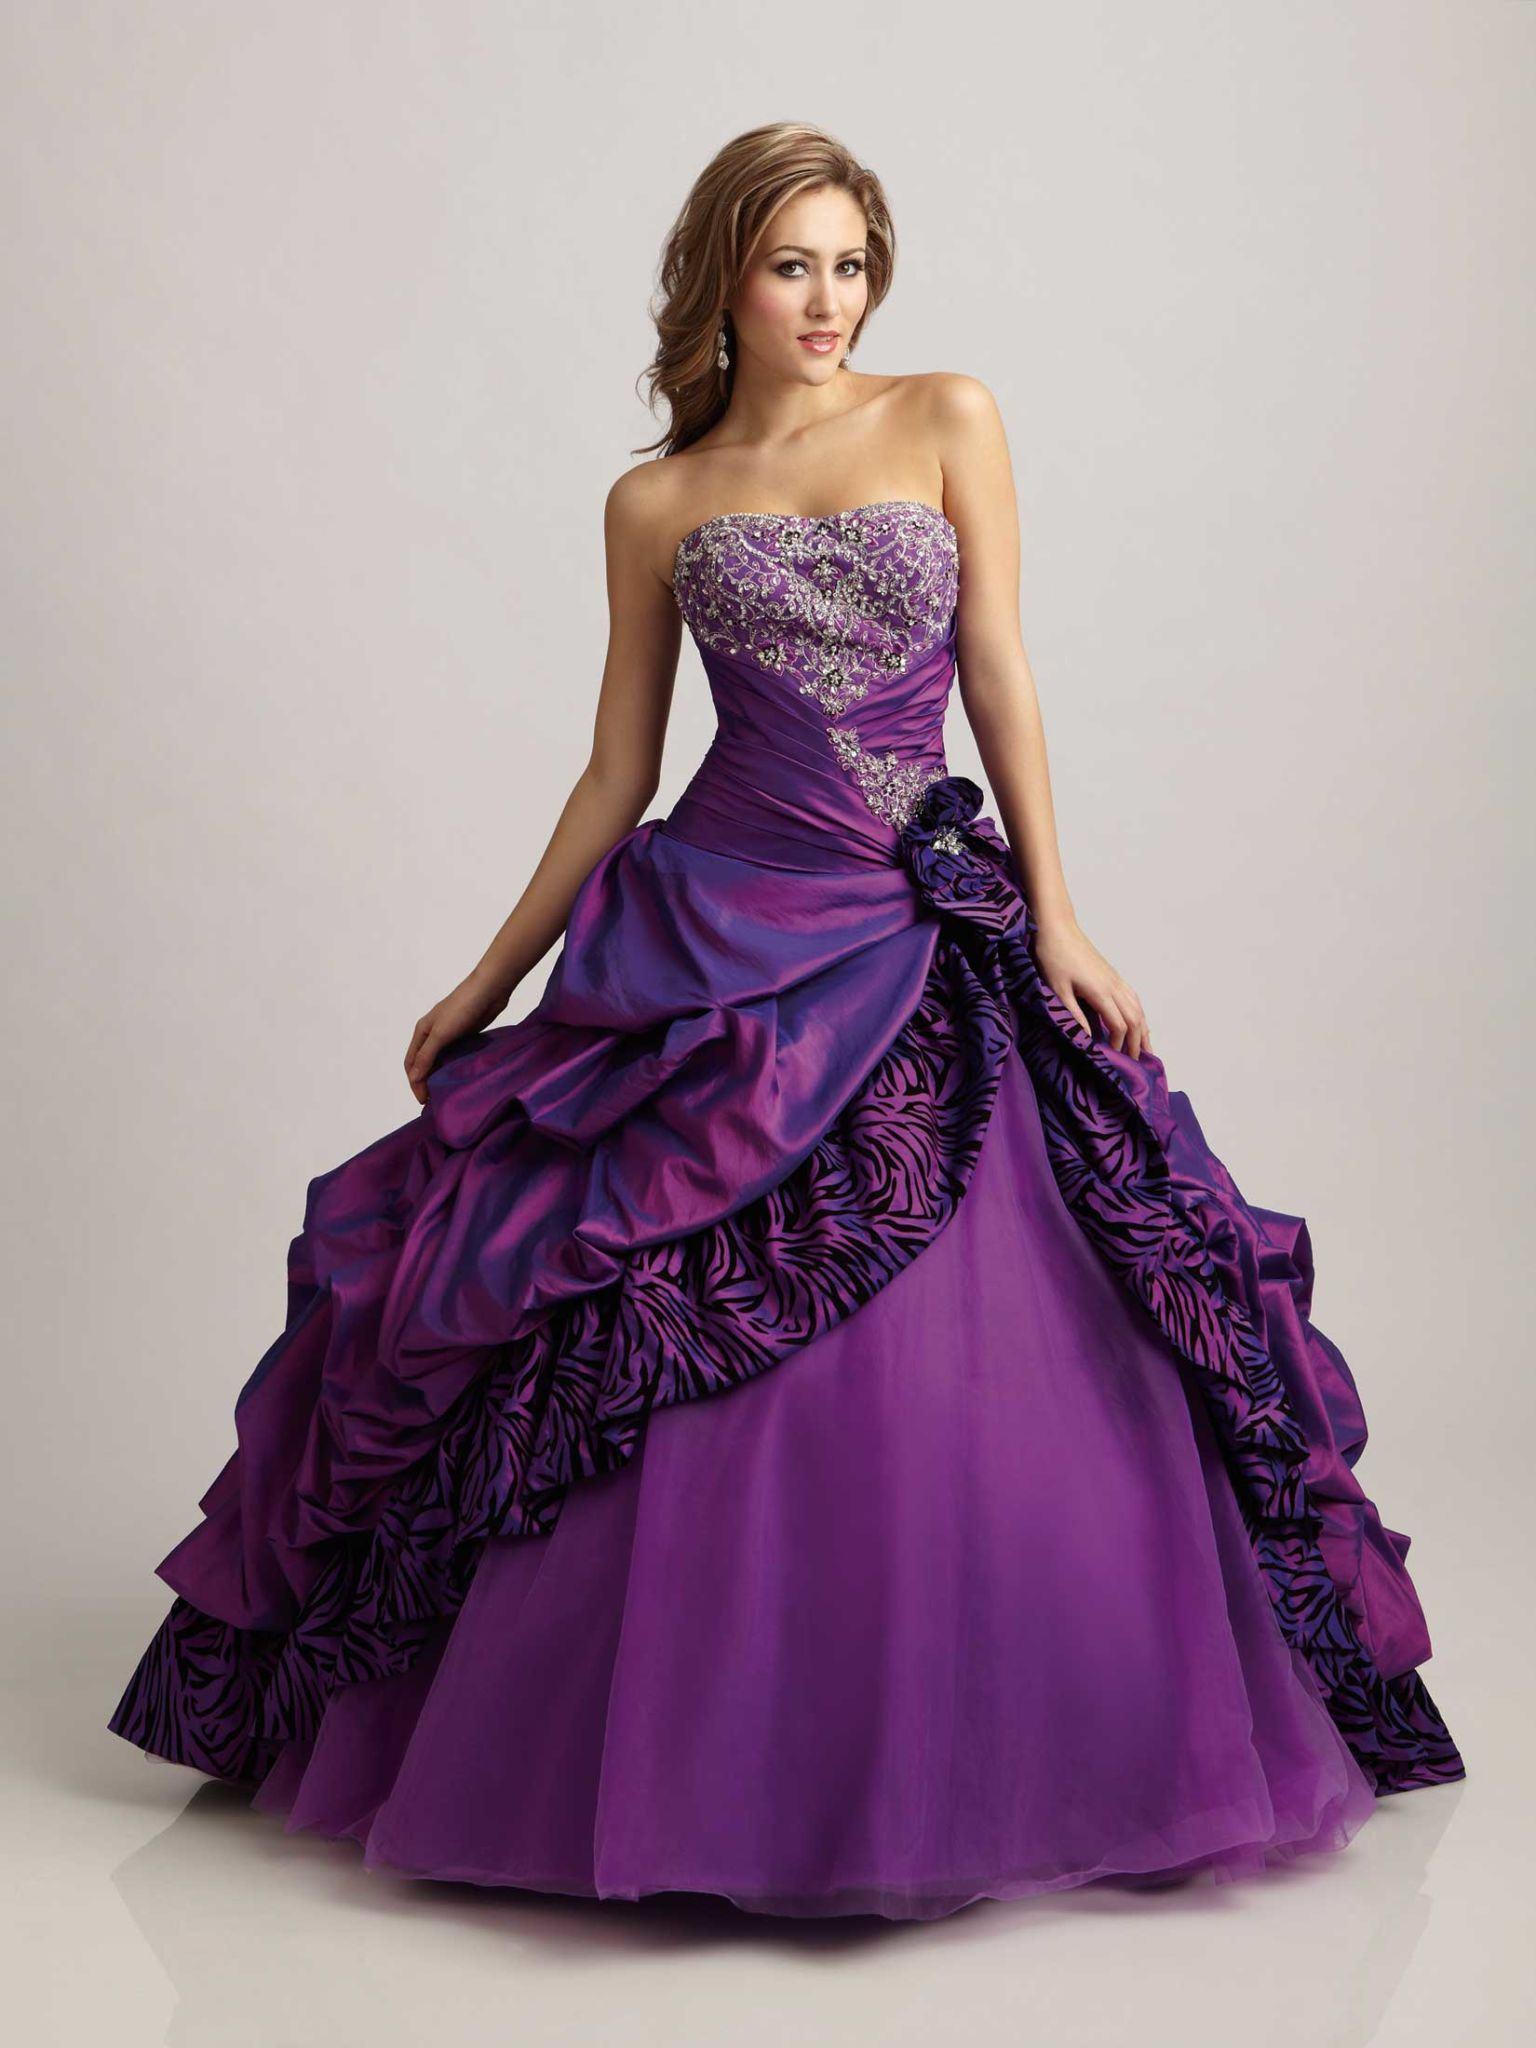 74b8a7496 Vestidos de 15 anos ou debutantes em modelos da moda